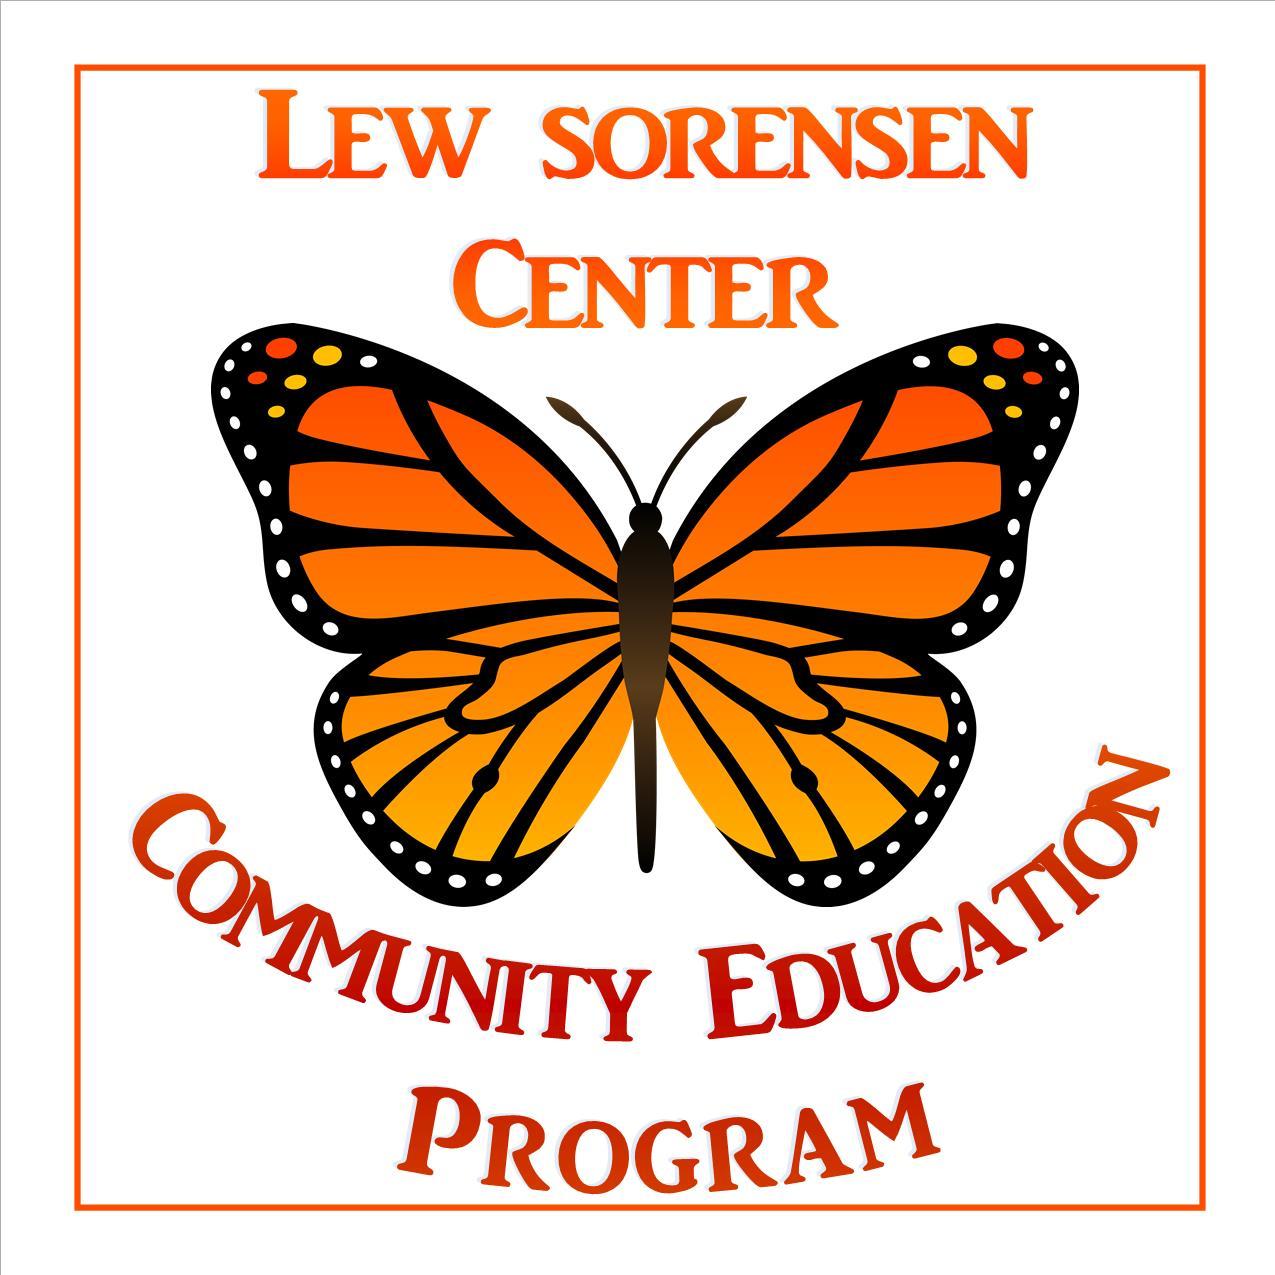 lew sorensen community education logo, butterfly